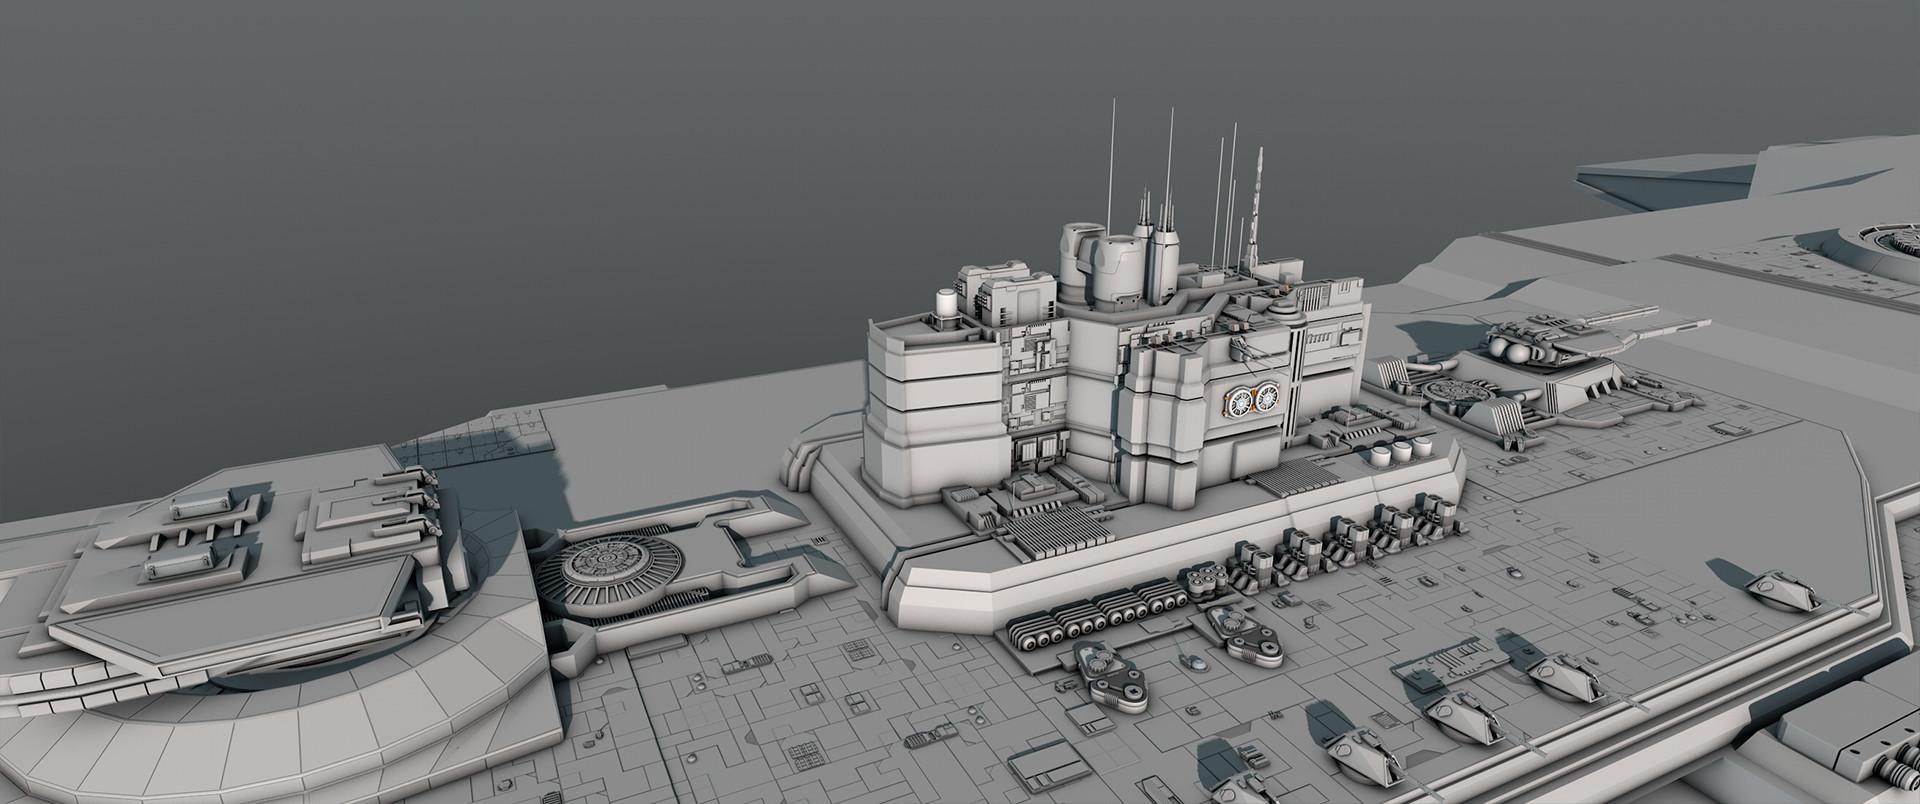 Glenn clovis concept battleship saratoga 36